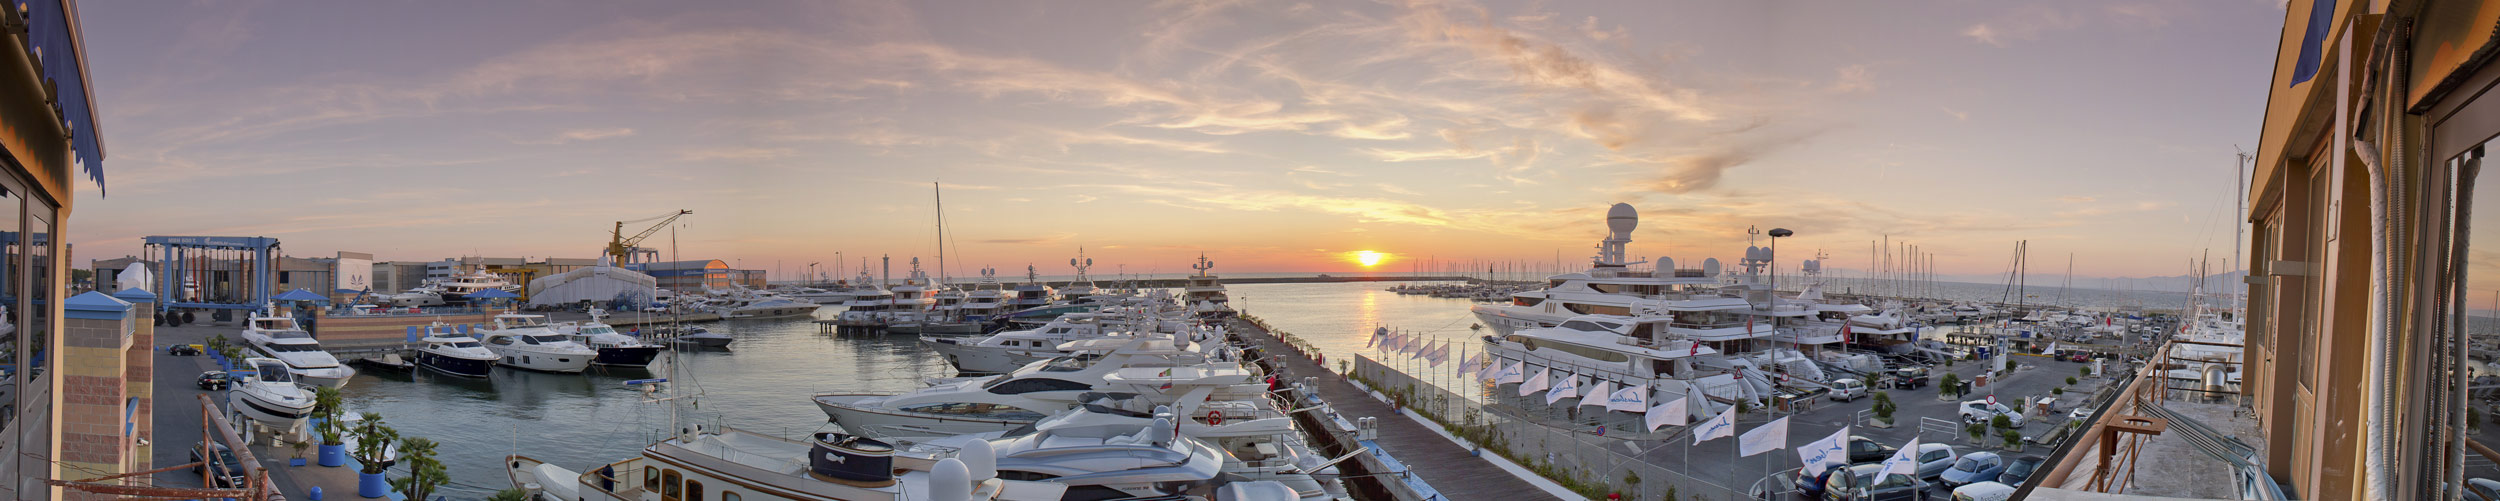 panoramica sul porto di Viareggio